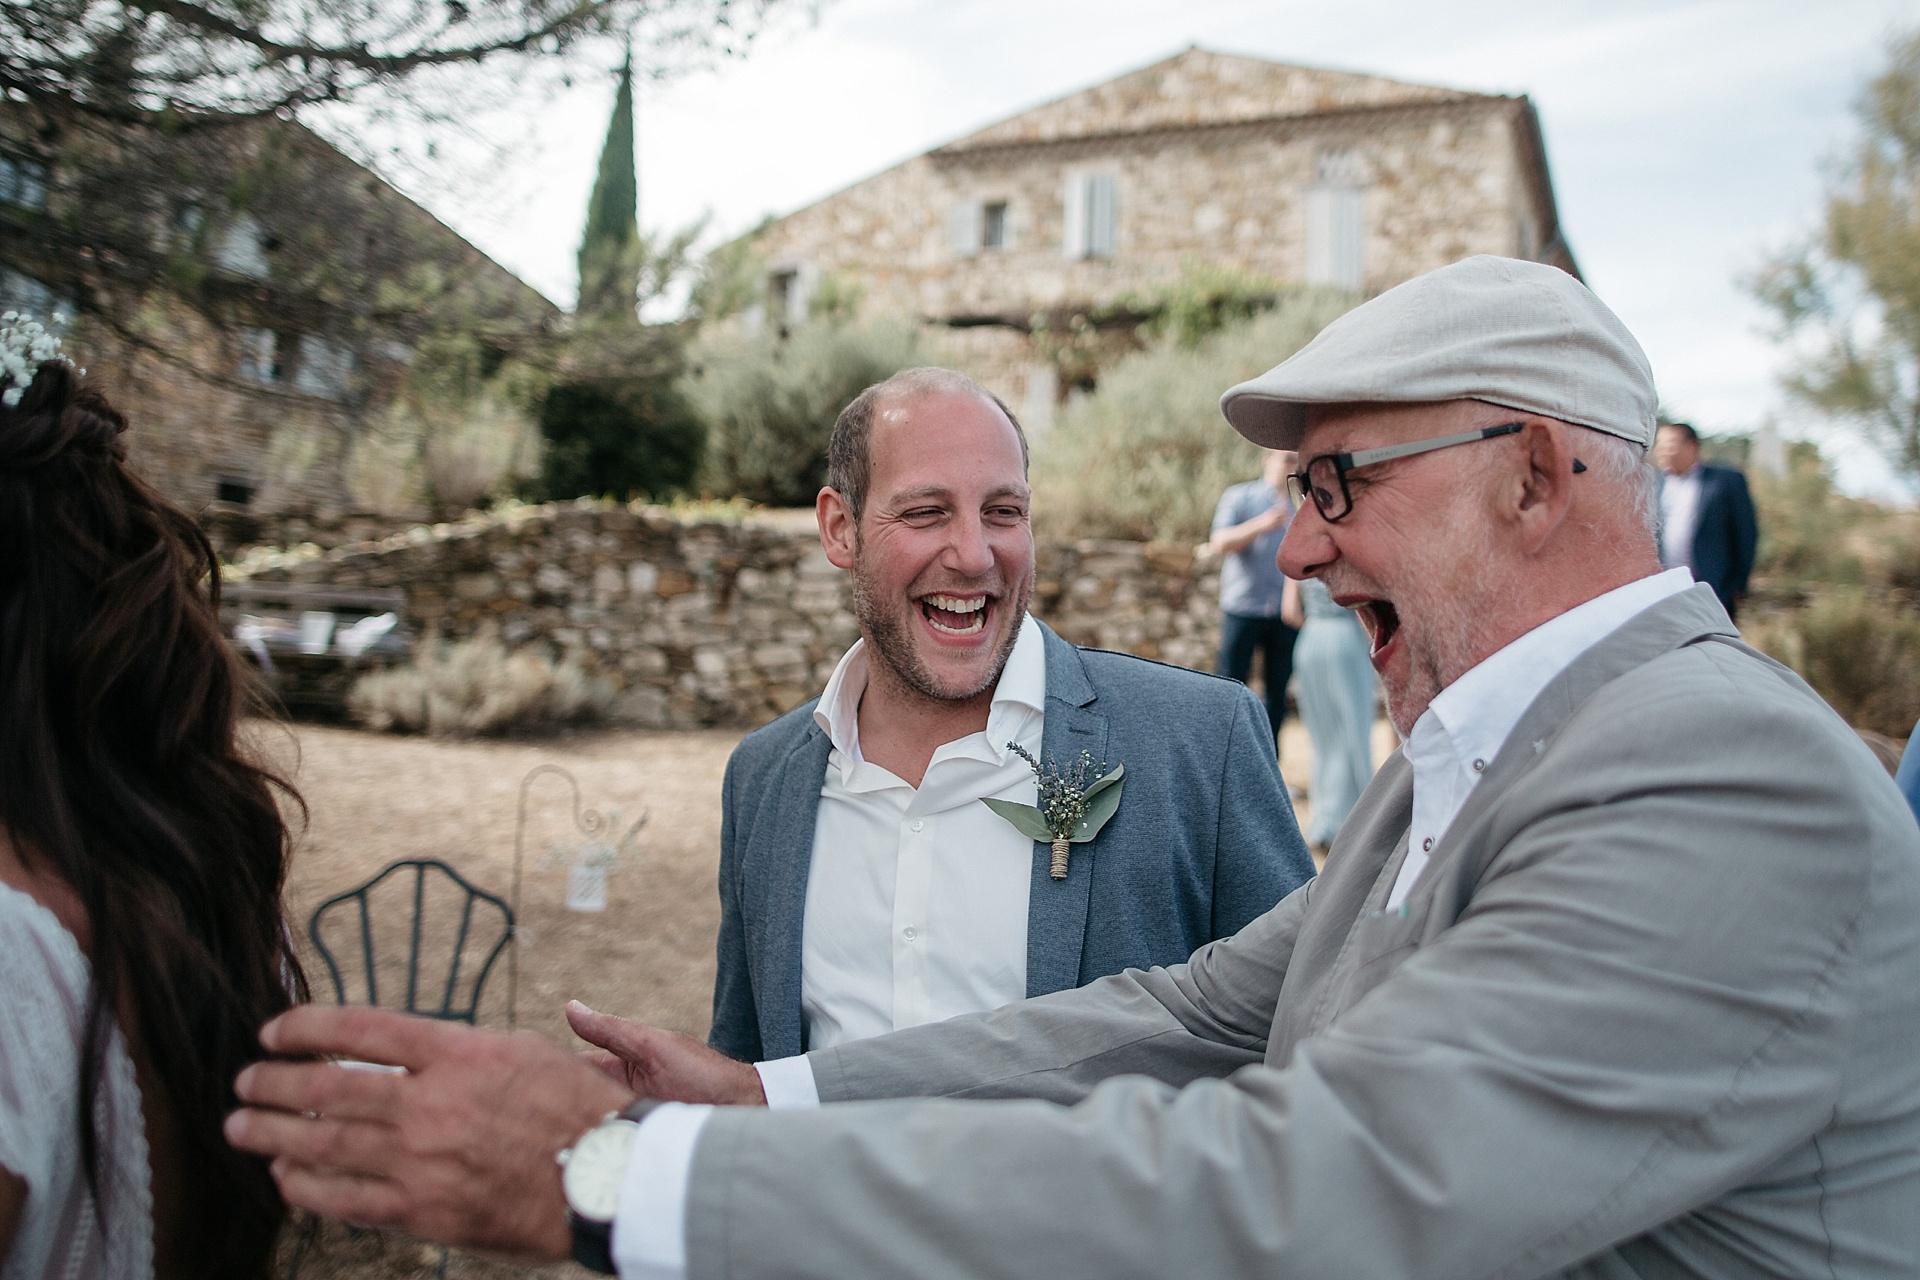 Traumhafte Hochzeit in der Provence. Geschafft. Jetzt wird gefeiert.